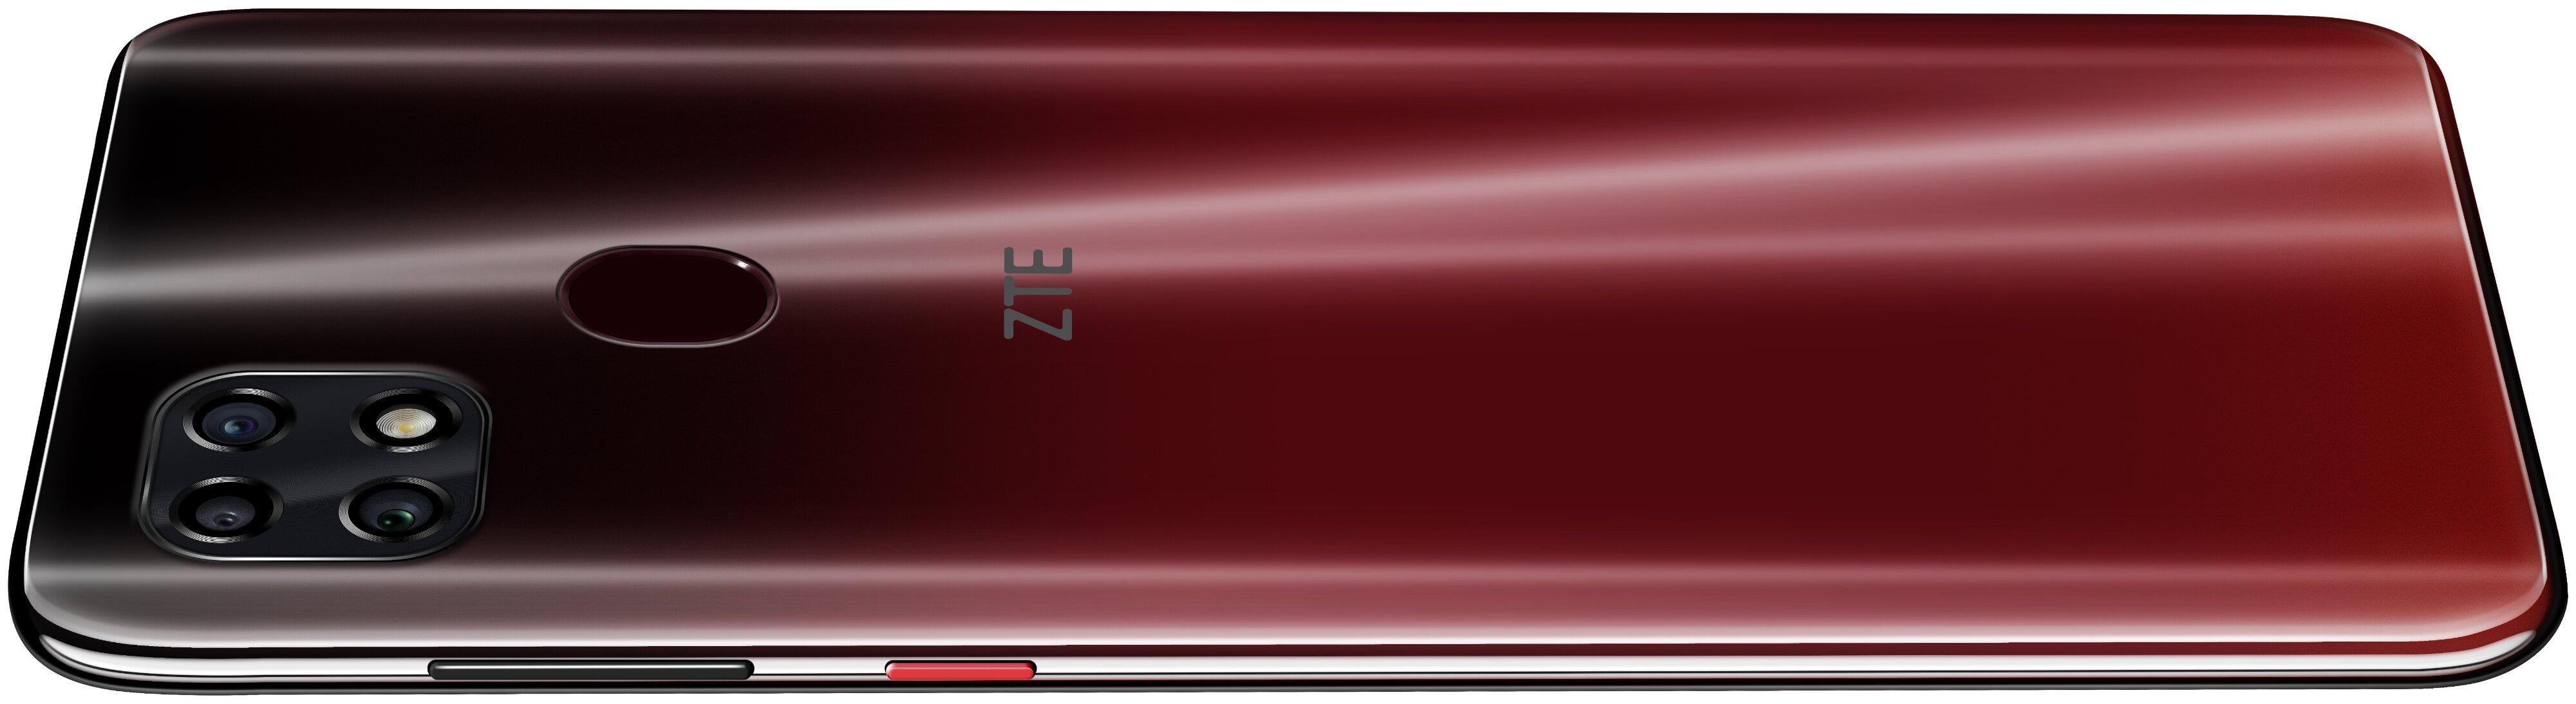 ZTE Blade 20 Smart - интернет: 4G LTE